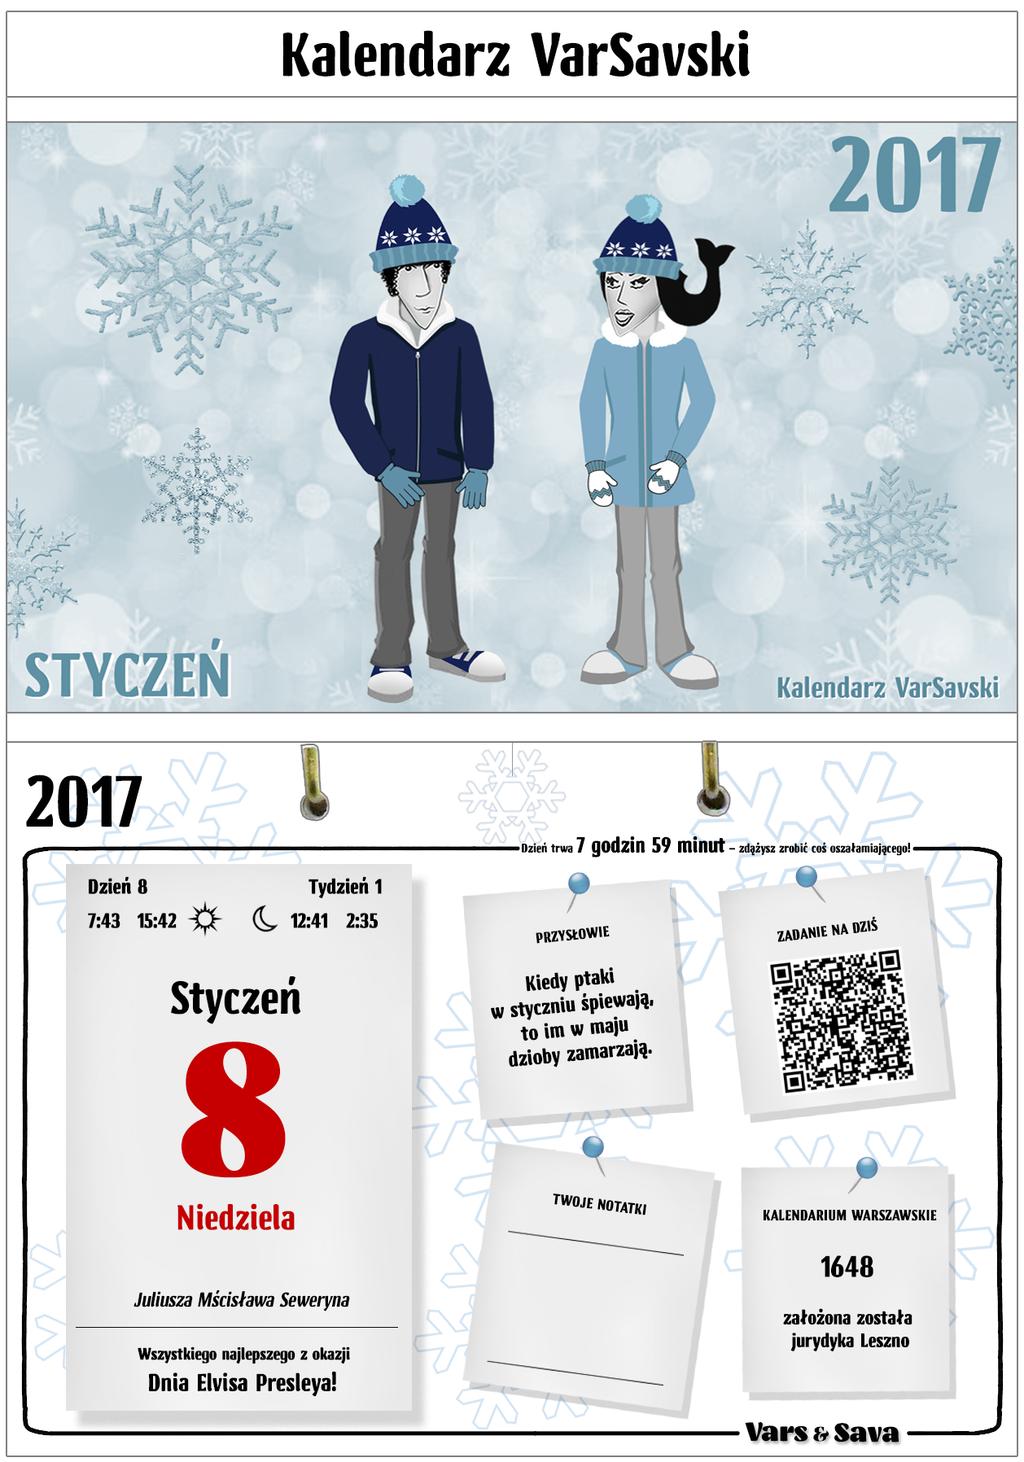 kalendarz-varsavski_kartka-z-haczykami